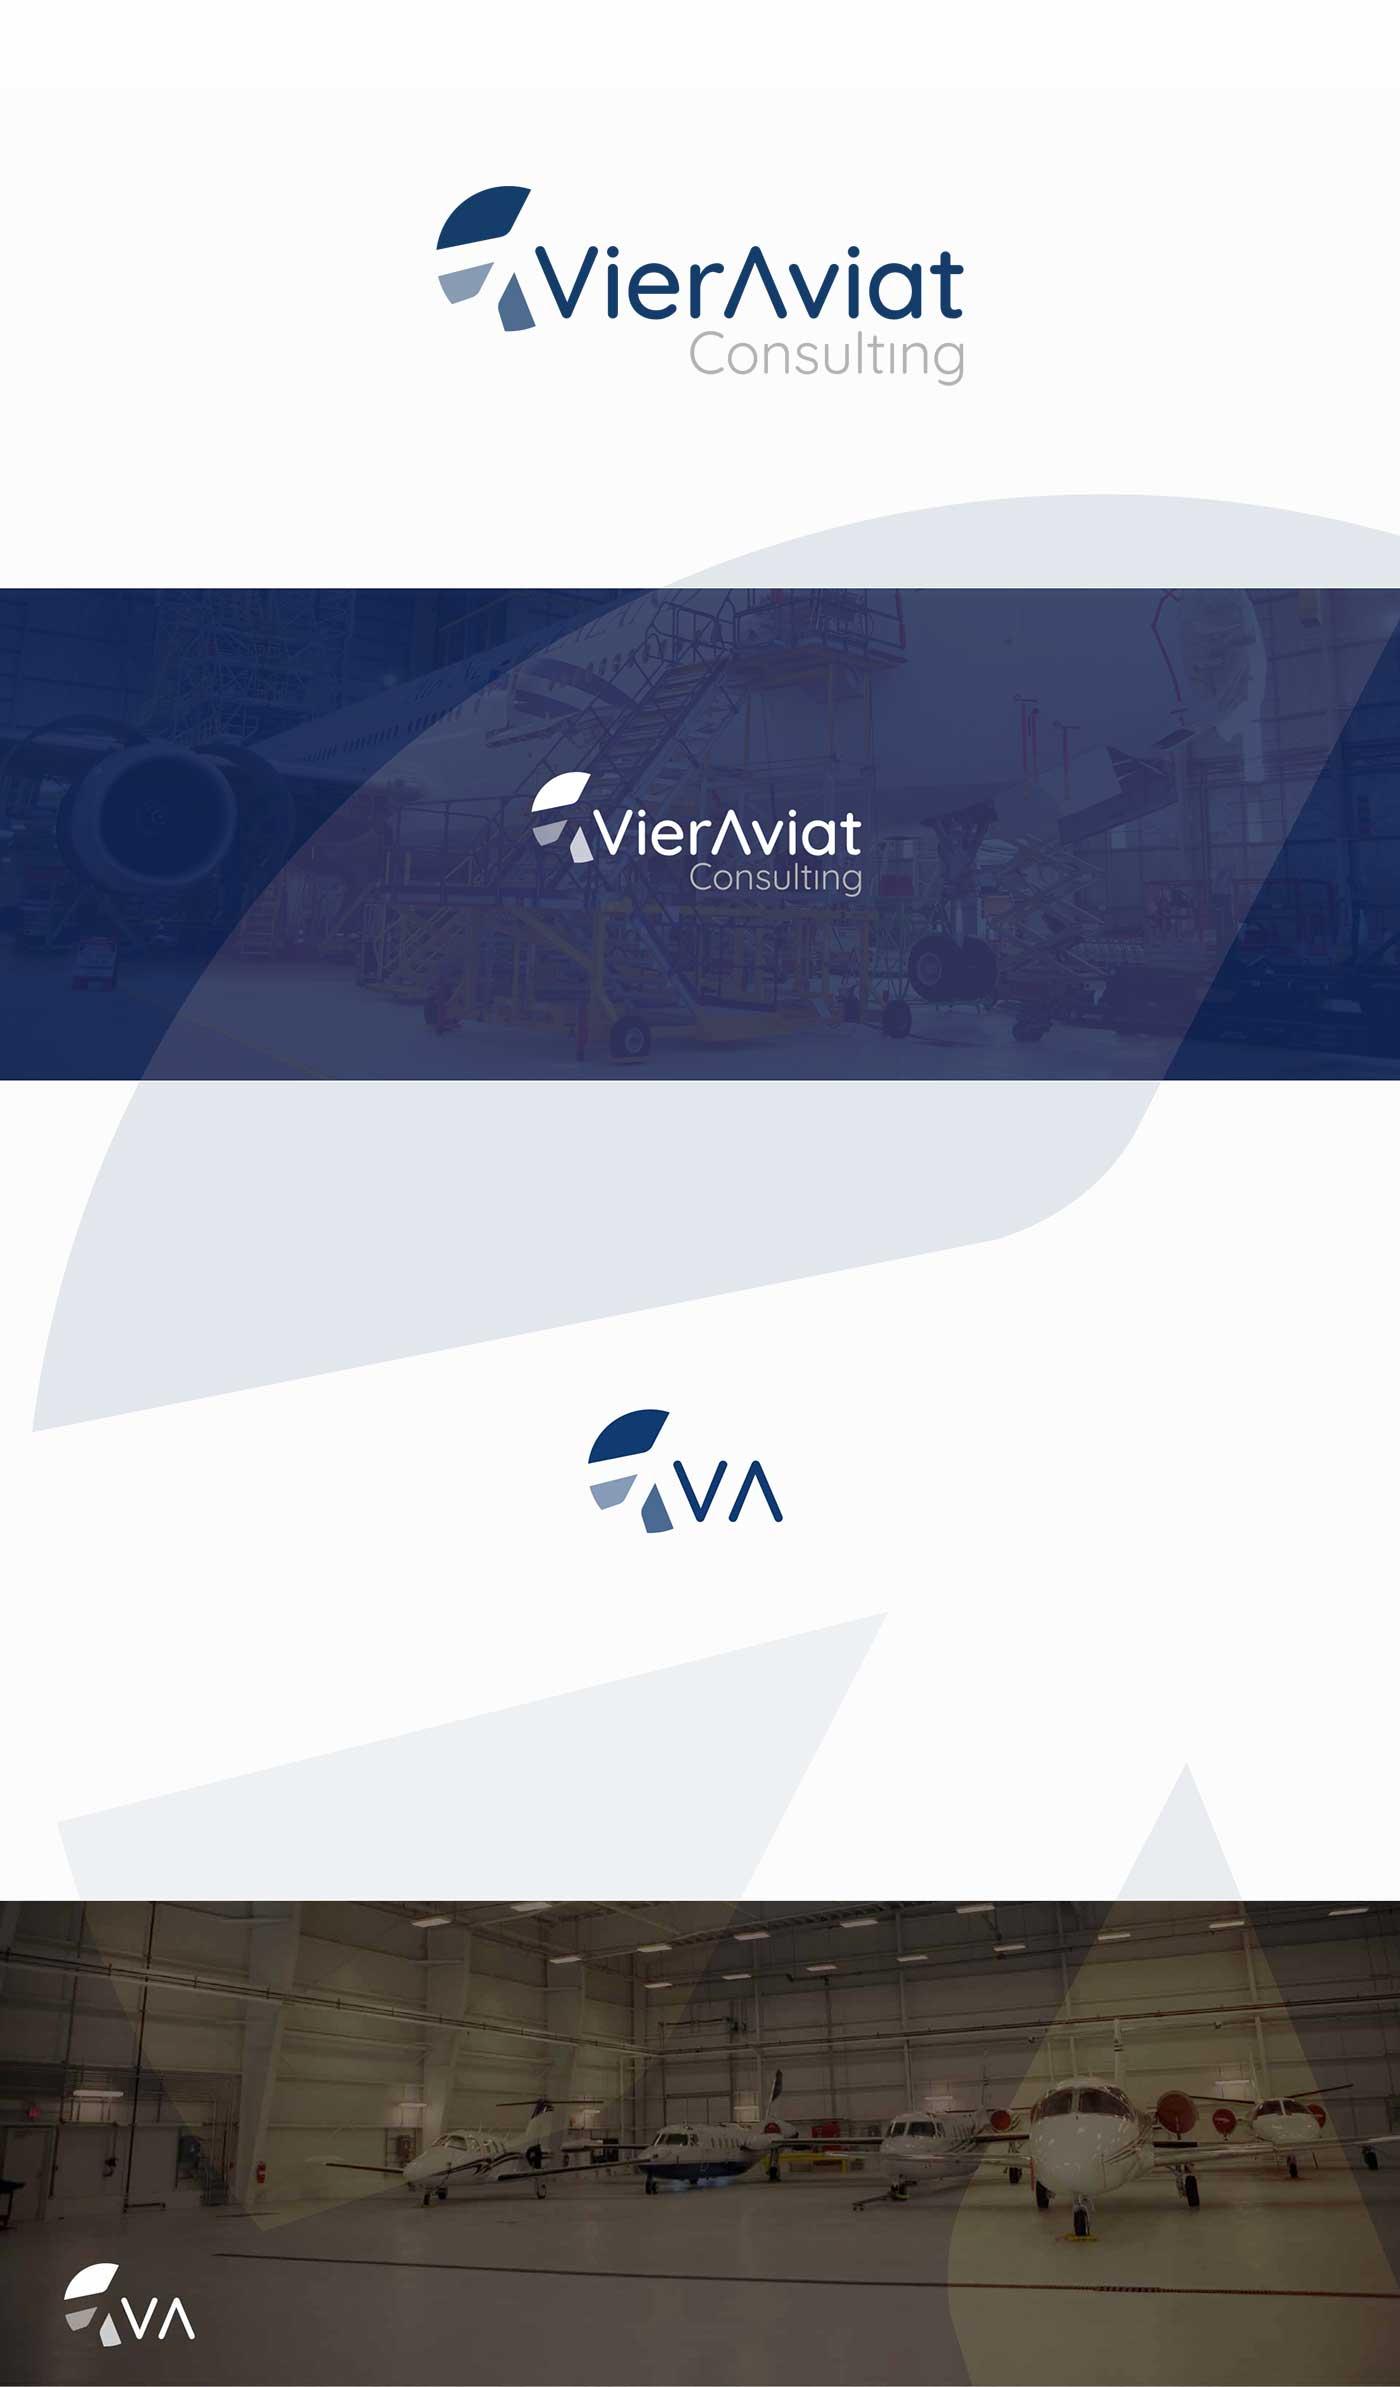 design logo startup aereonautica aviazione